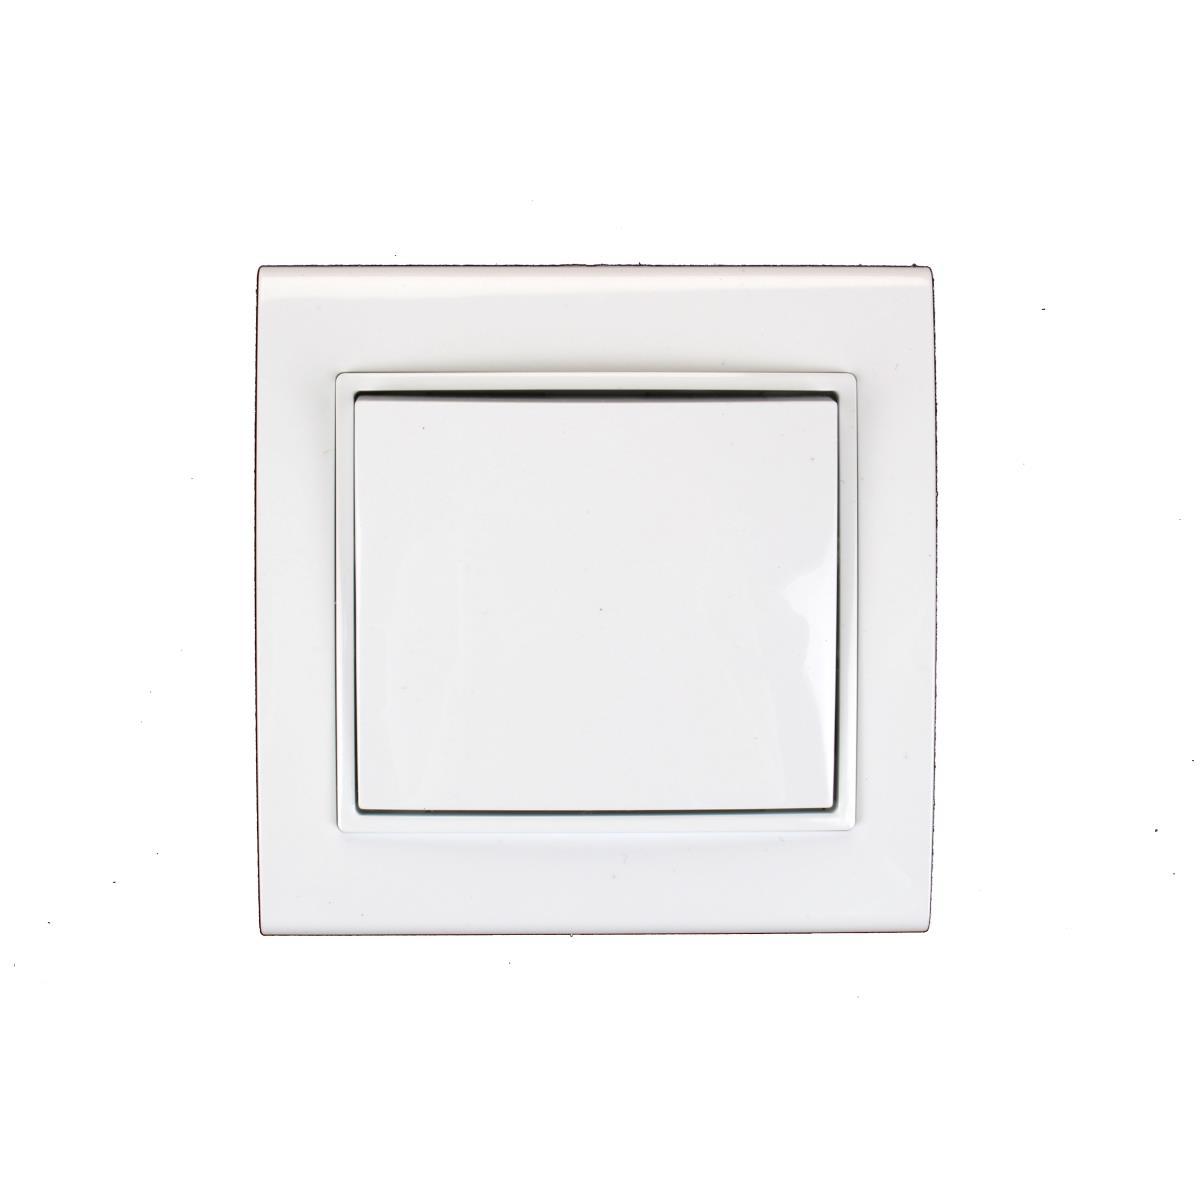 unterputz lichtschalter wei 10 a 230 v. Black Bedroom Furniture Sets. Home Design Ideas